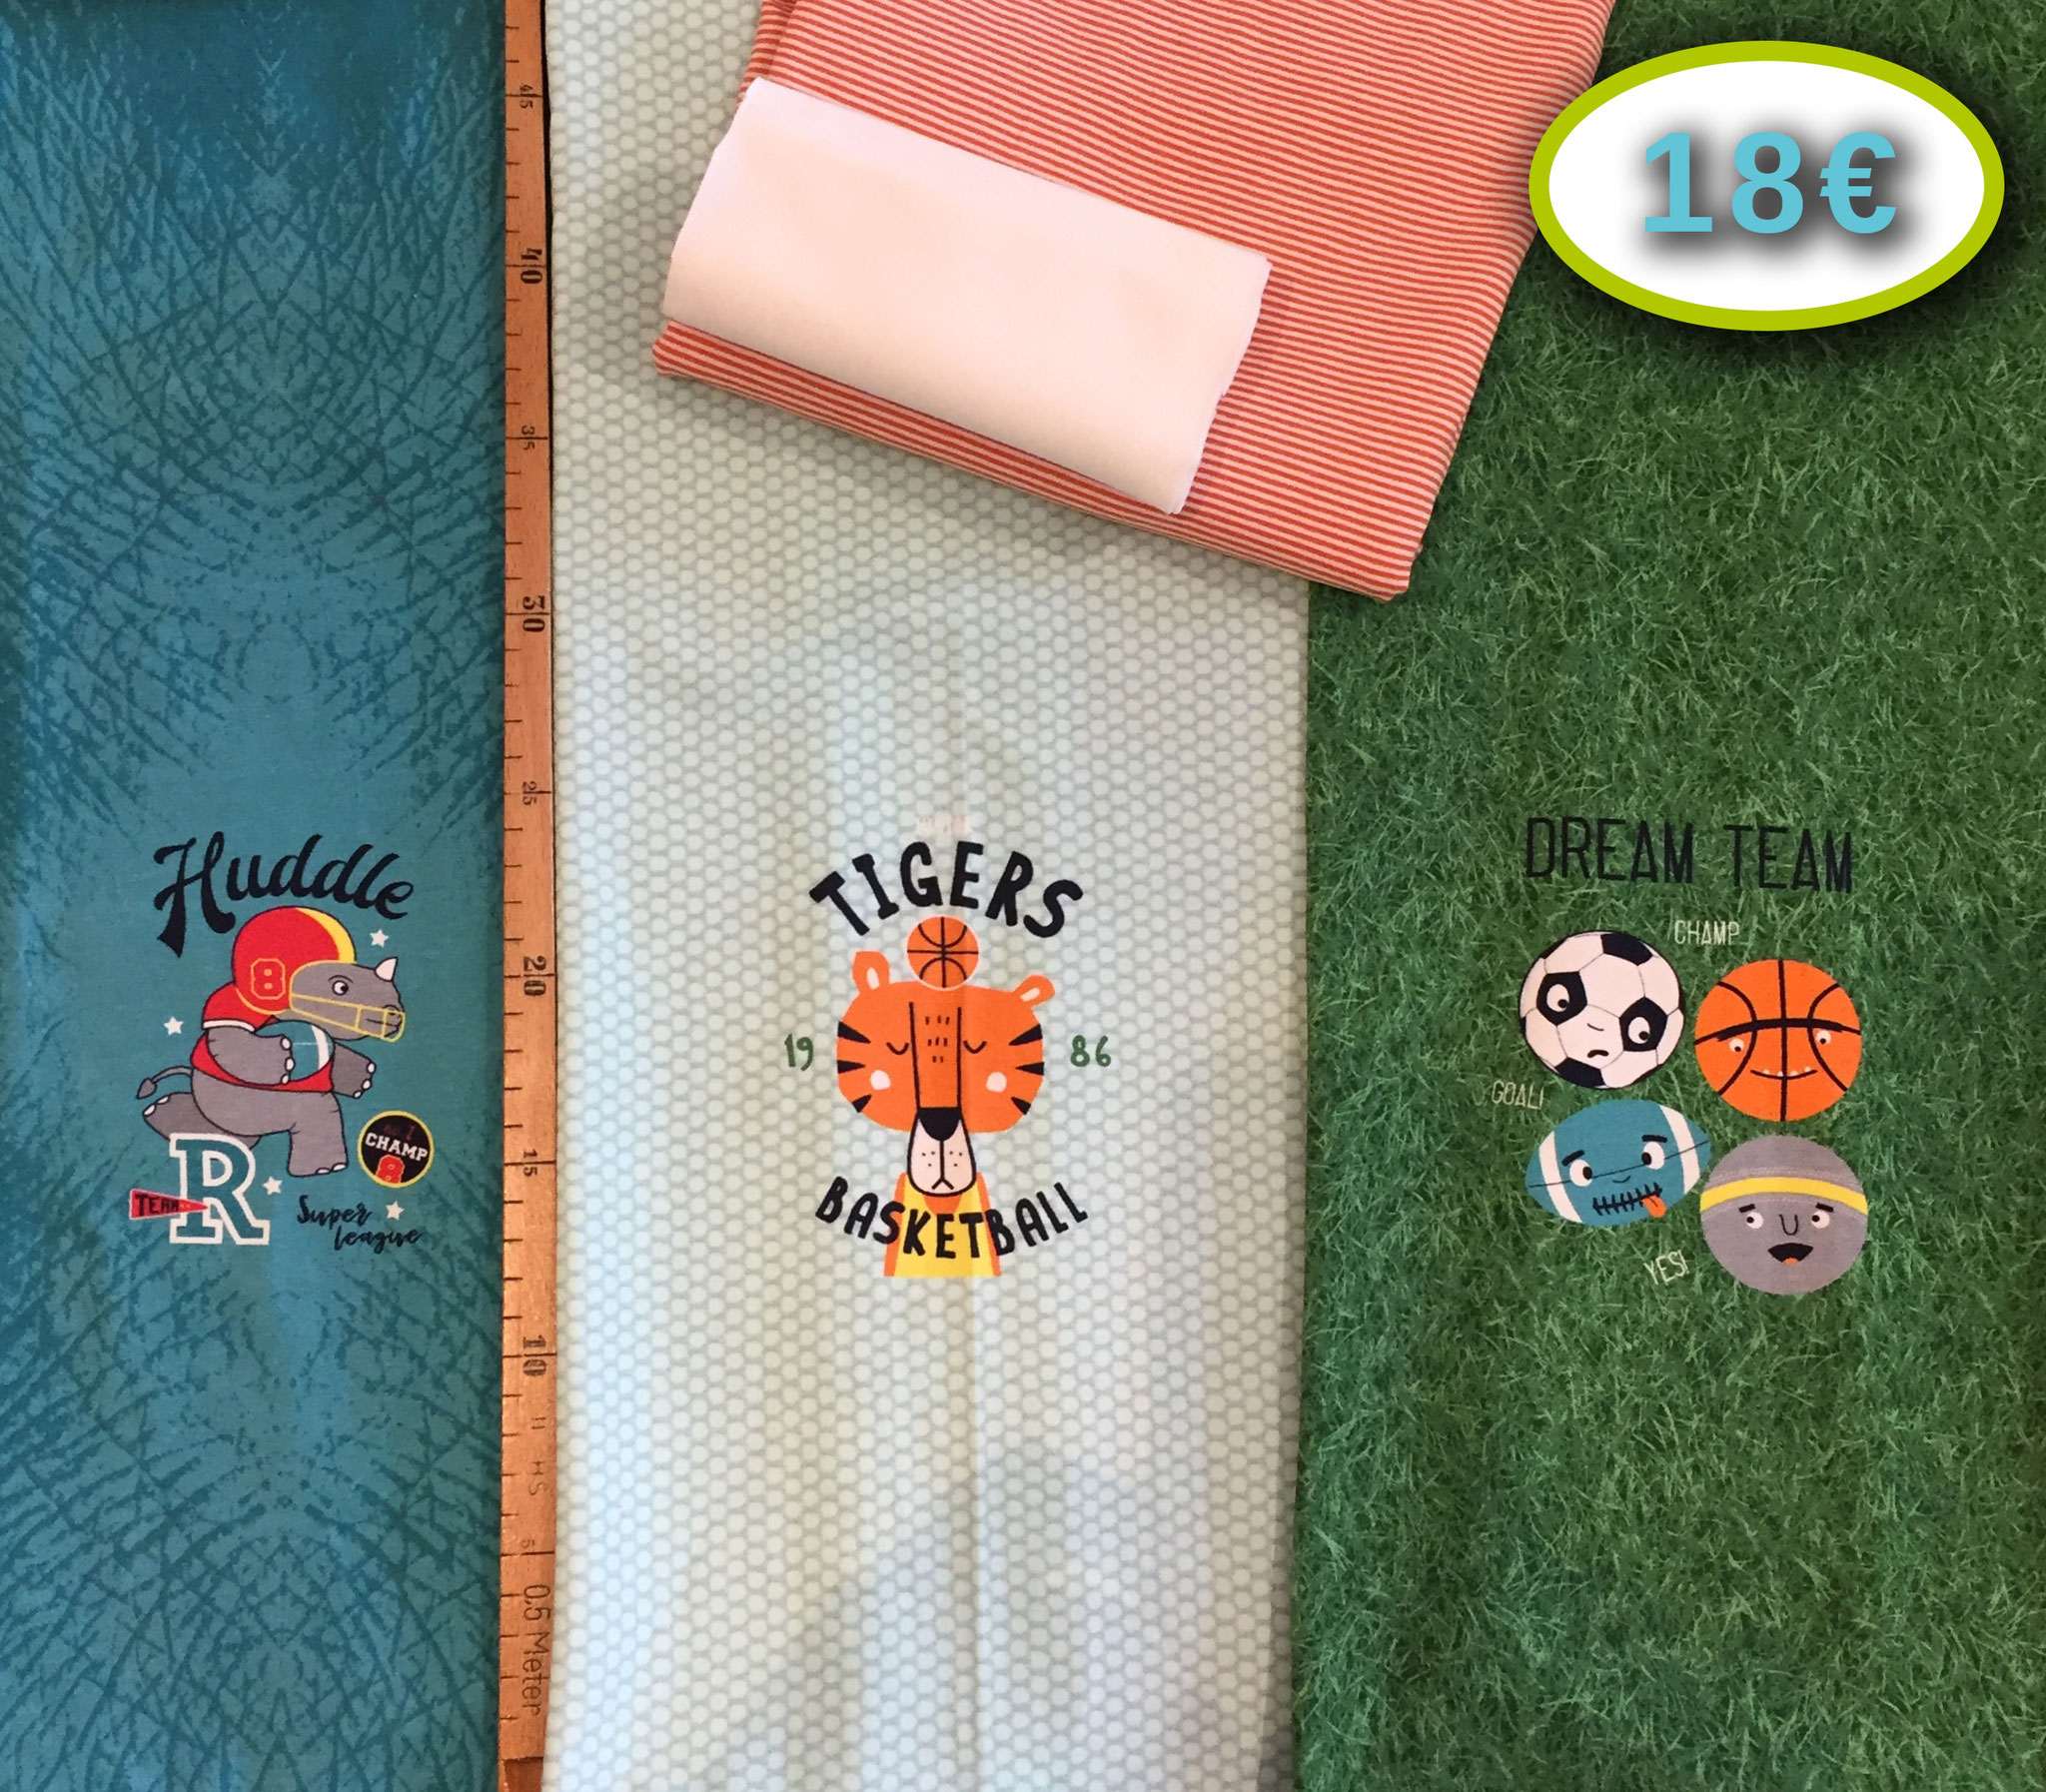 Sport-Trio-Panel von Hilco, ca. 55 cm x 160  cm, 90%BW, 10% EL, 50 cm x 160 cm Stenzo-Jersey orange-weiß, 10 cm Bündchenstoff weiß